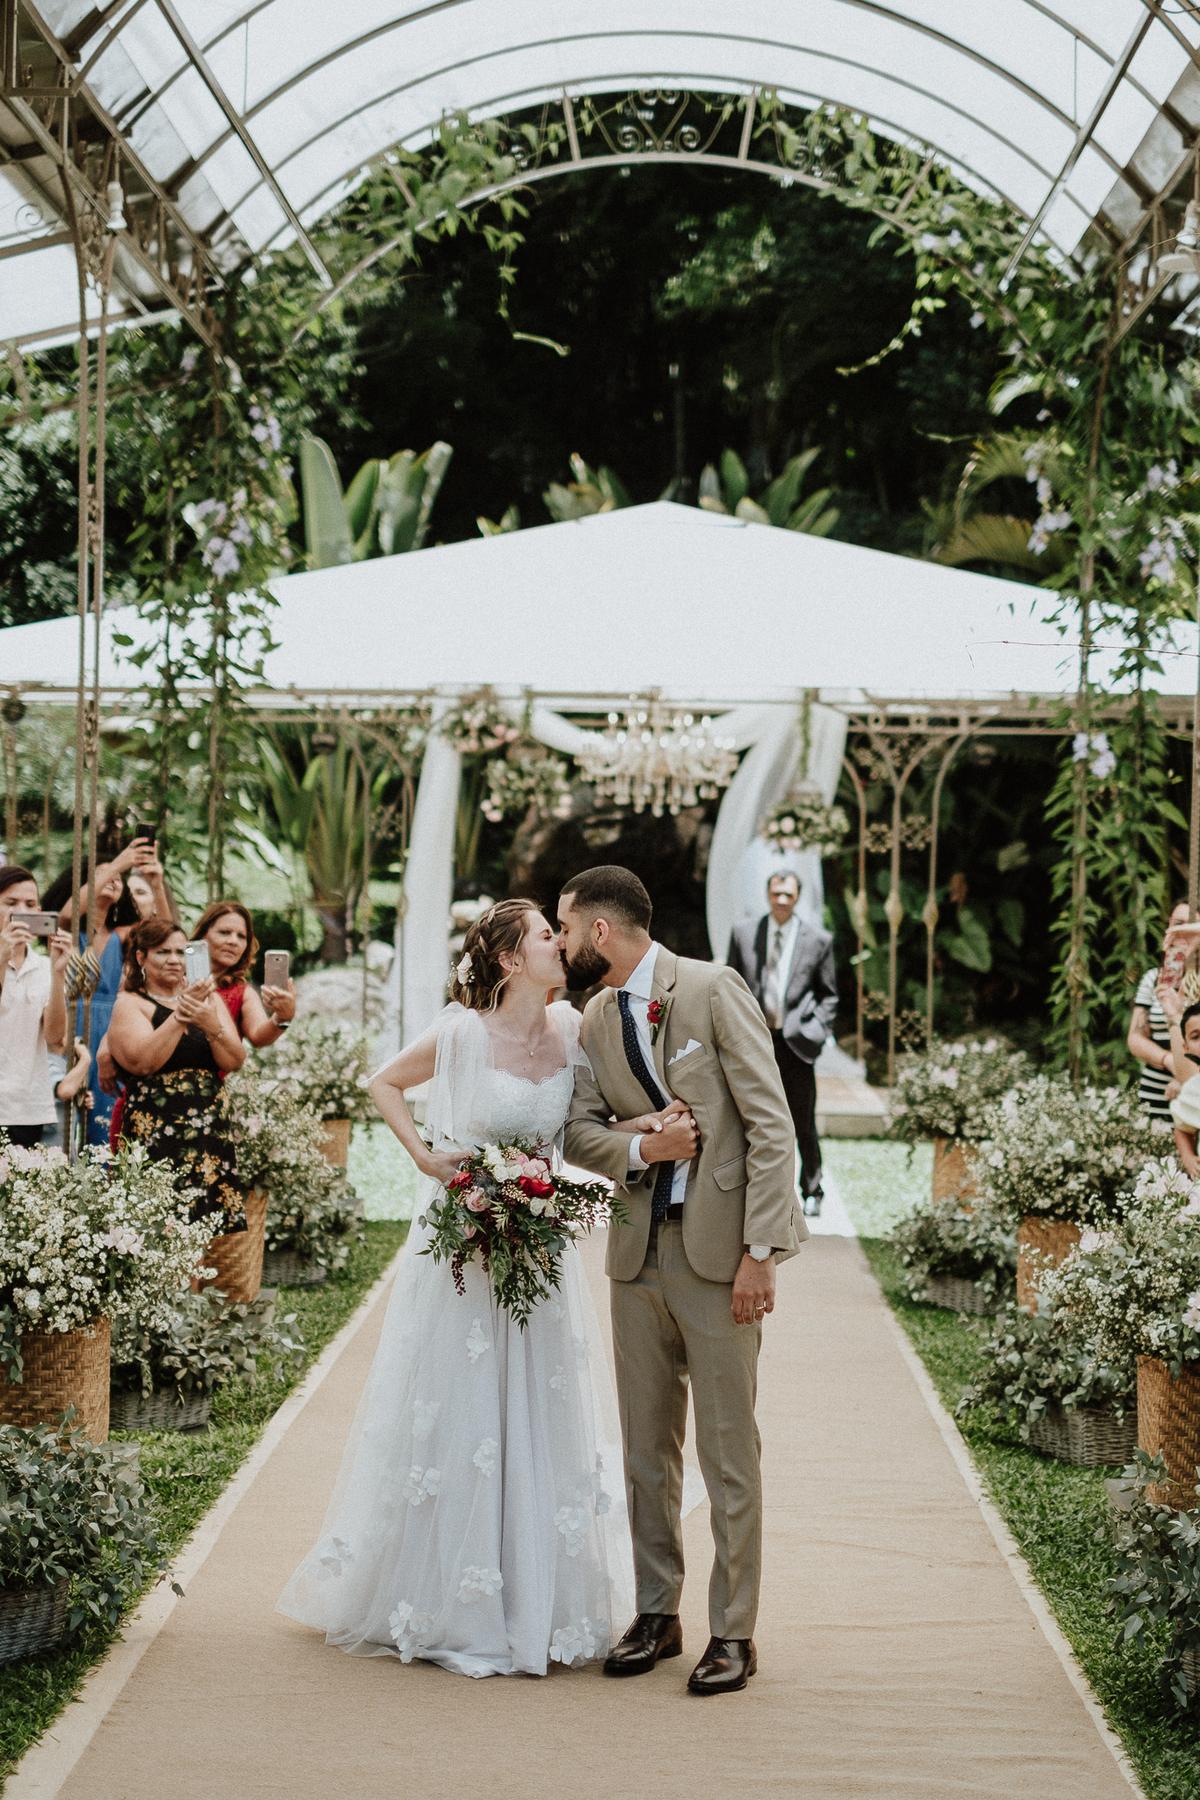 reacao do noivo cerimonia de dia casamentos em mairipora vestido de noiva fotografia de casamento noiva com os pais elopement wedding  vestido de noiva fotos por caio henrique votos do casal madrinhas da noiva aliancas beijo do casal